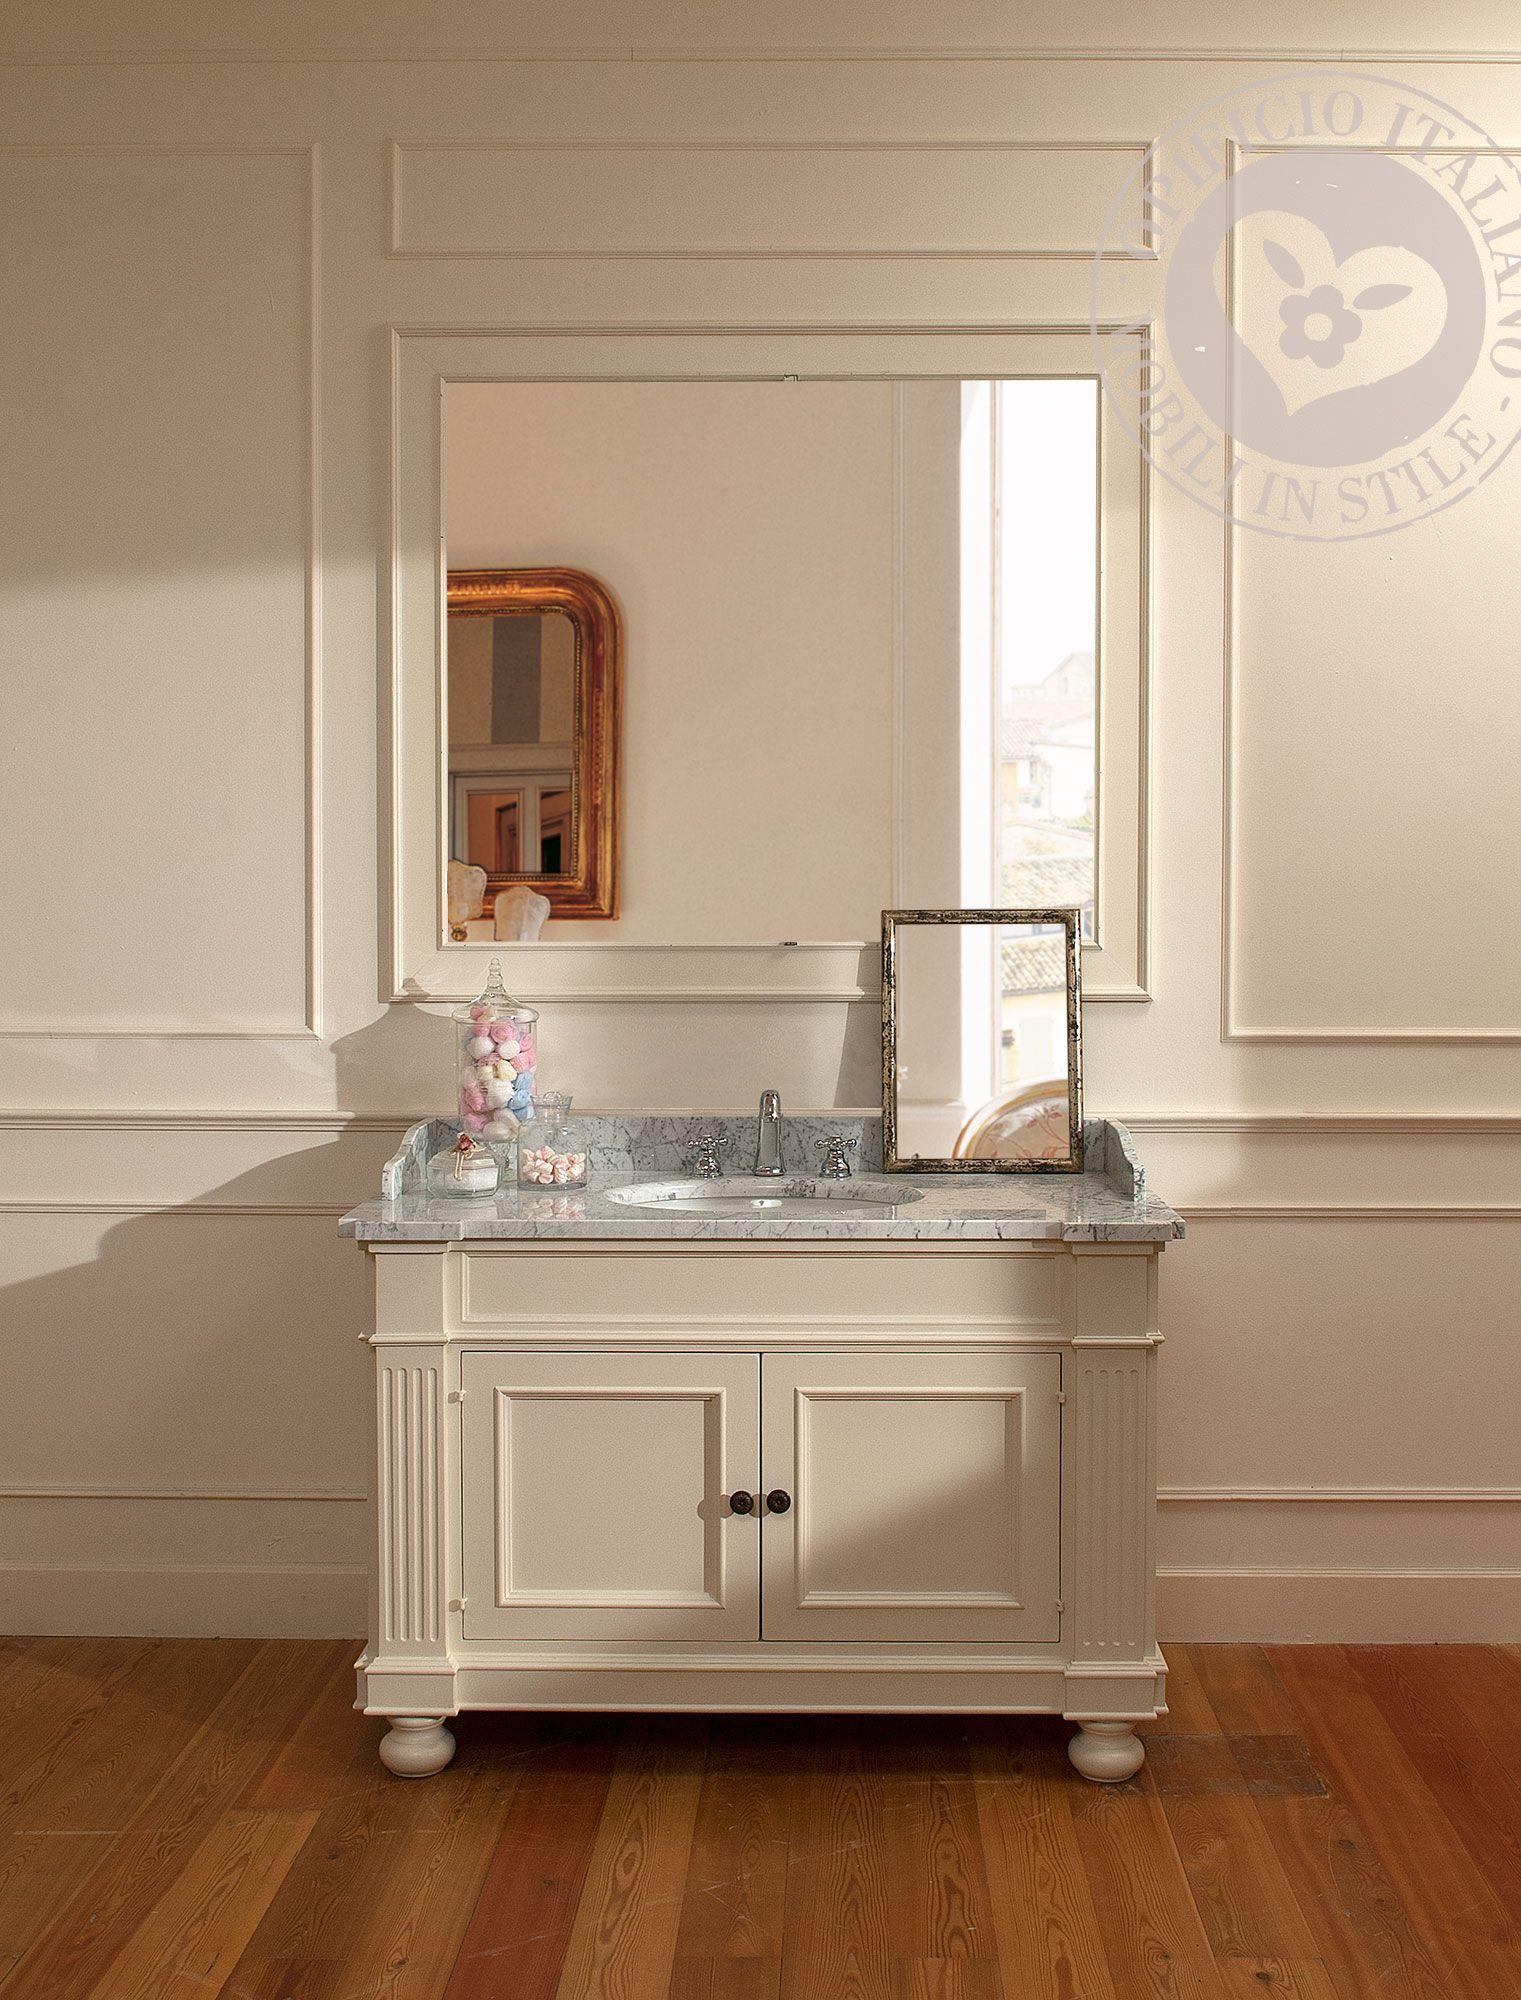 Mobile bagno realizzato artigianalmente, laccato a mano con colori ...